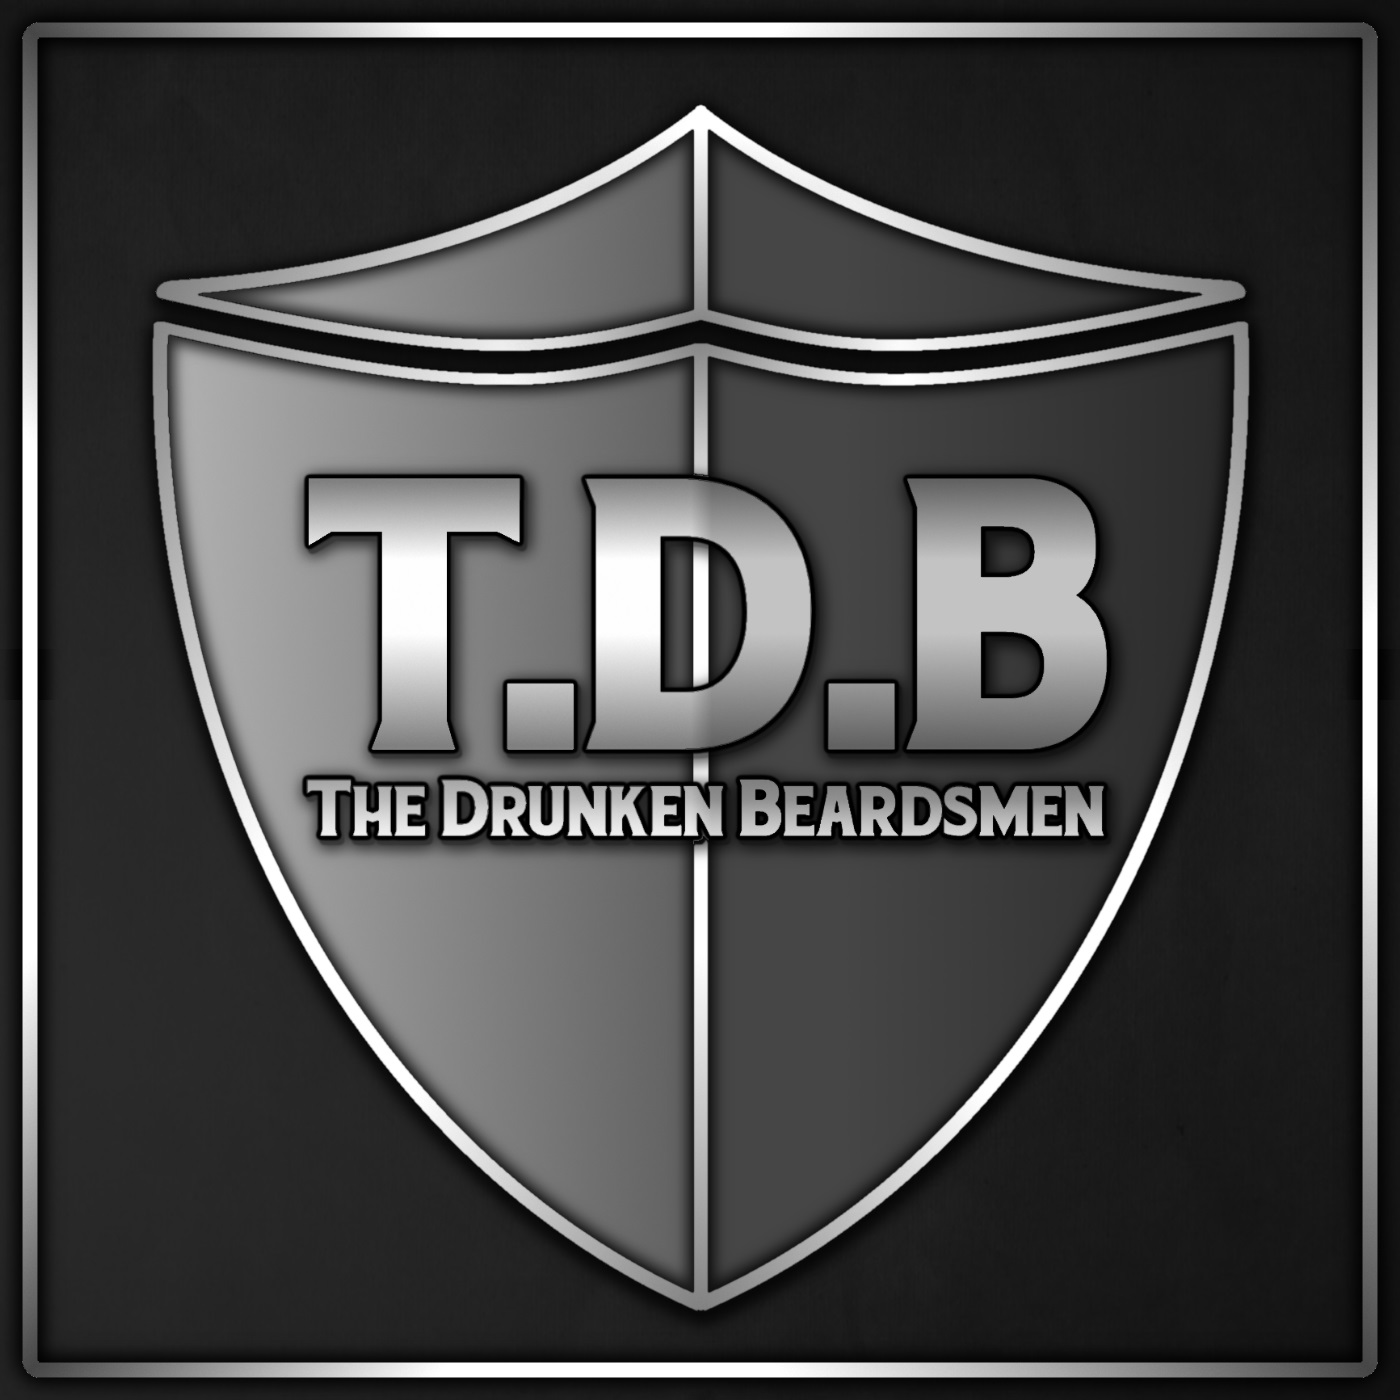 Drunken Beardsmen Podcast